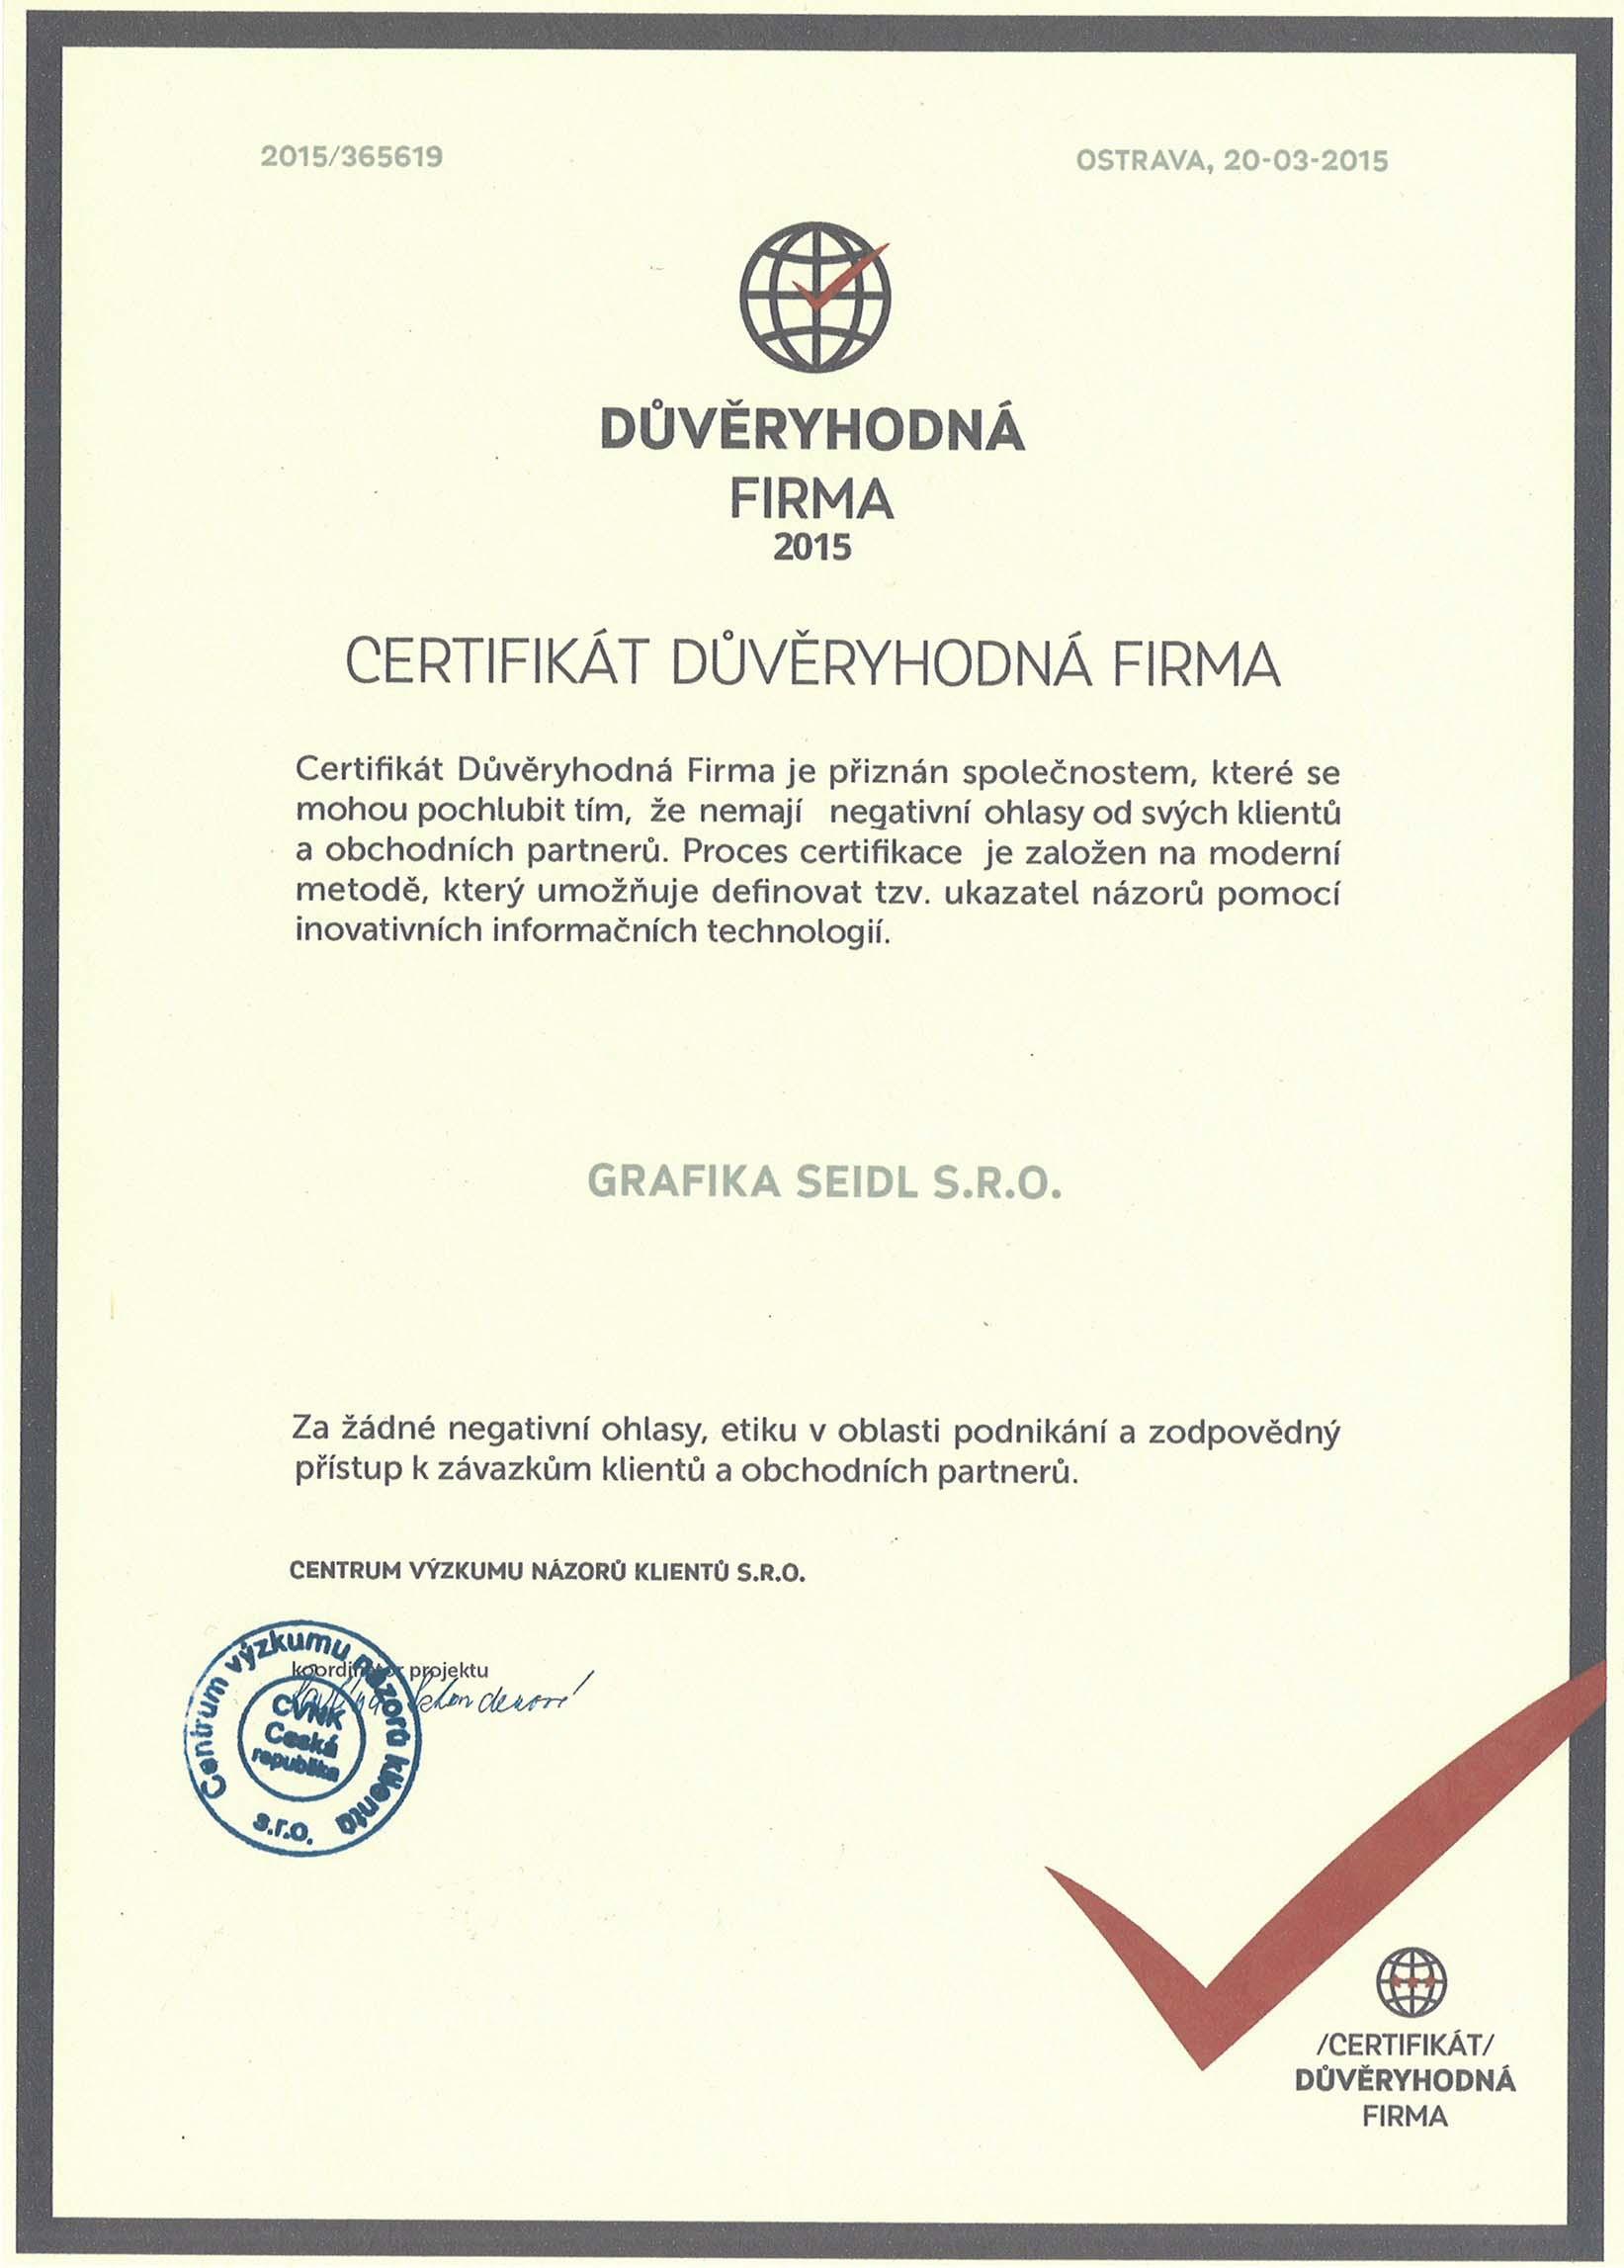 Certifikát důvěryhodná firma